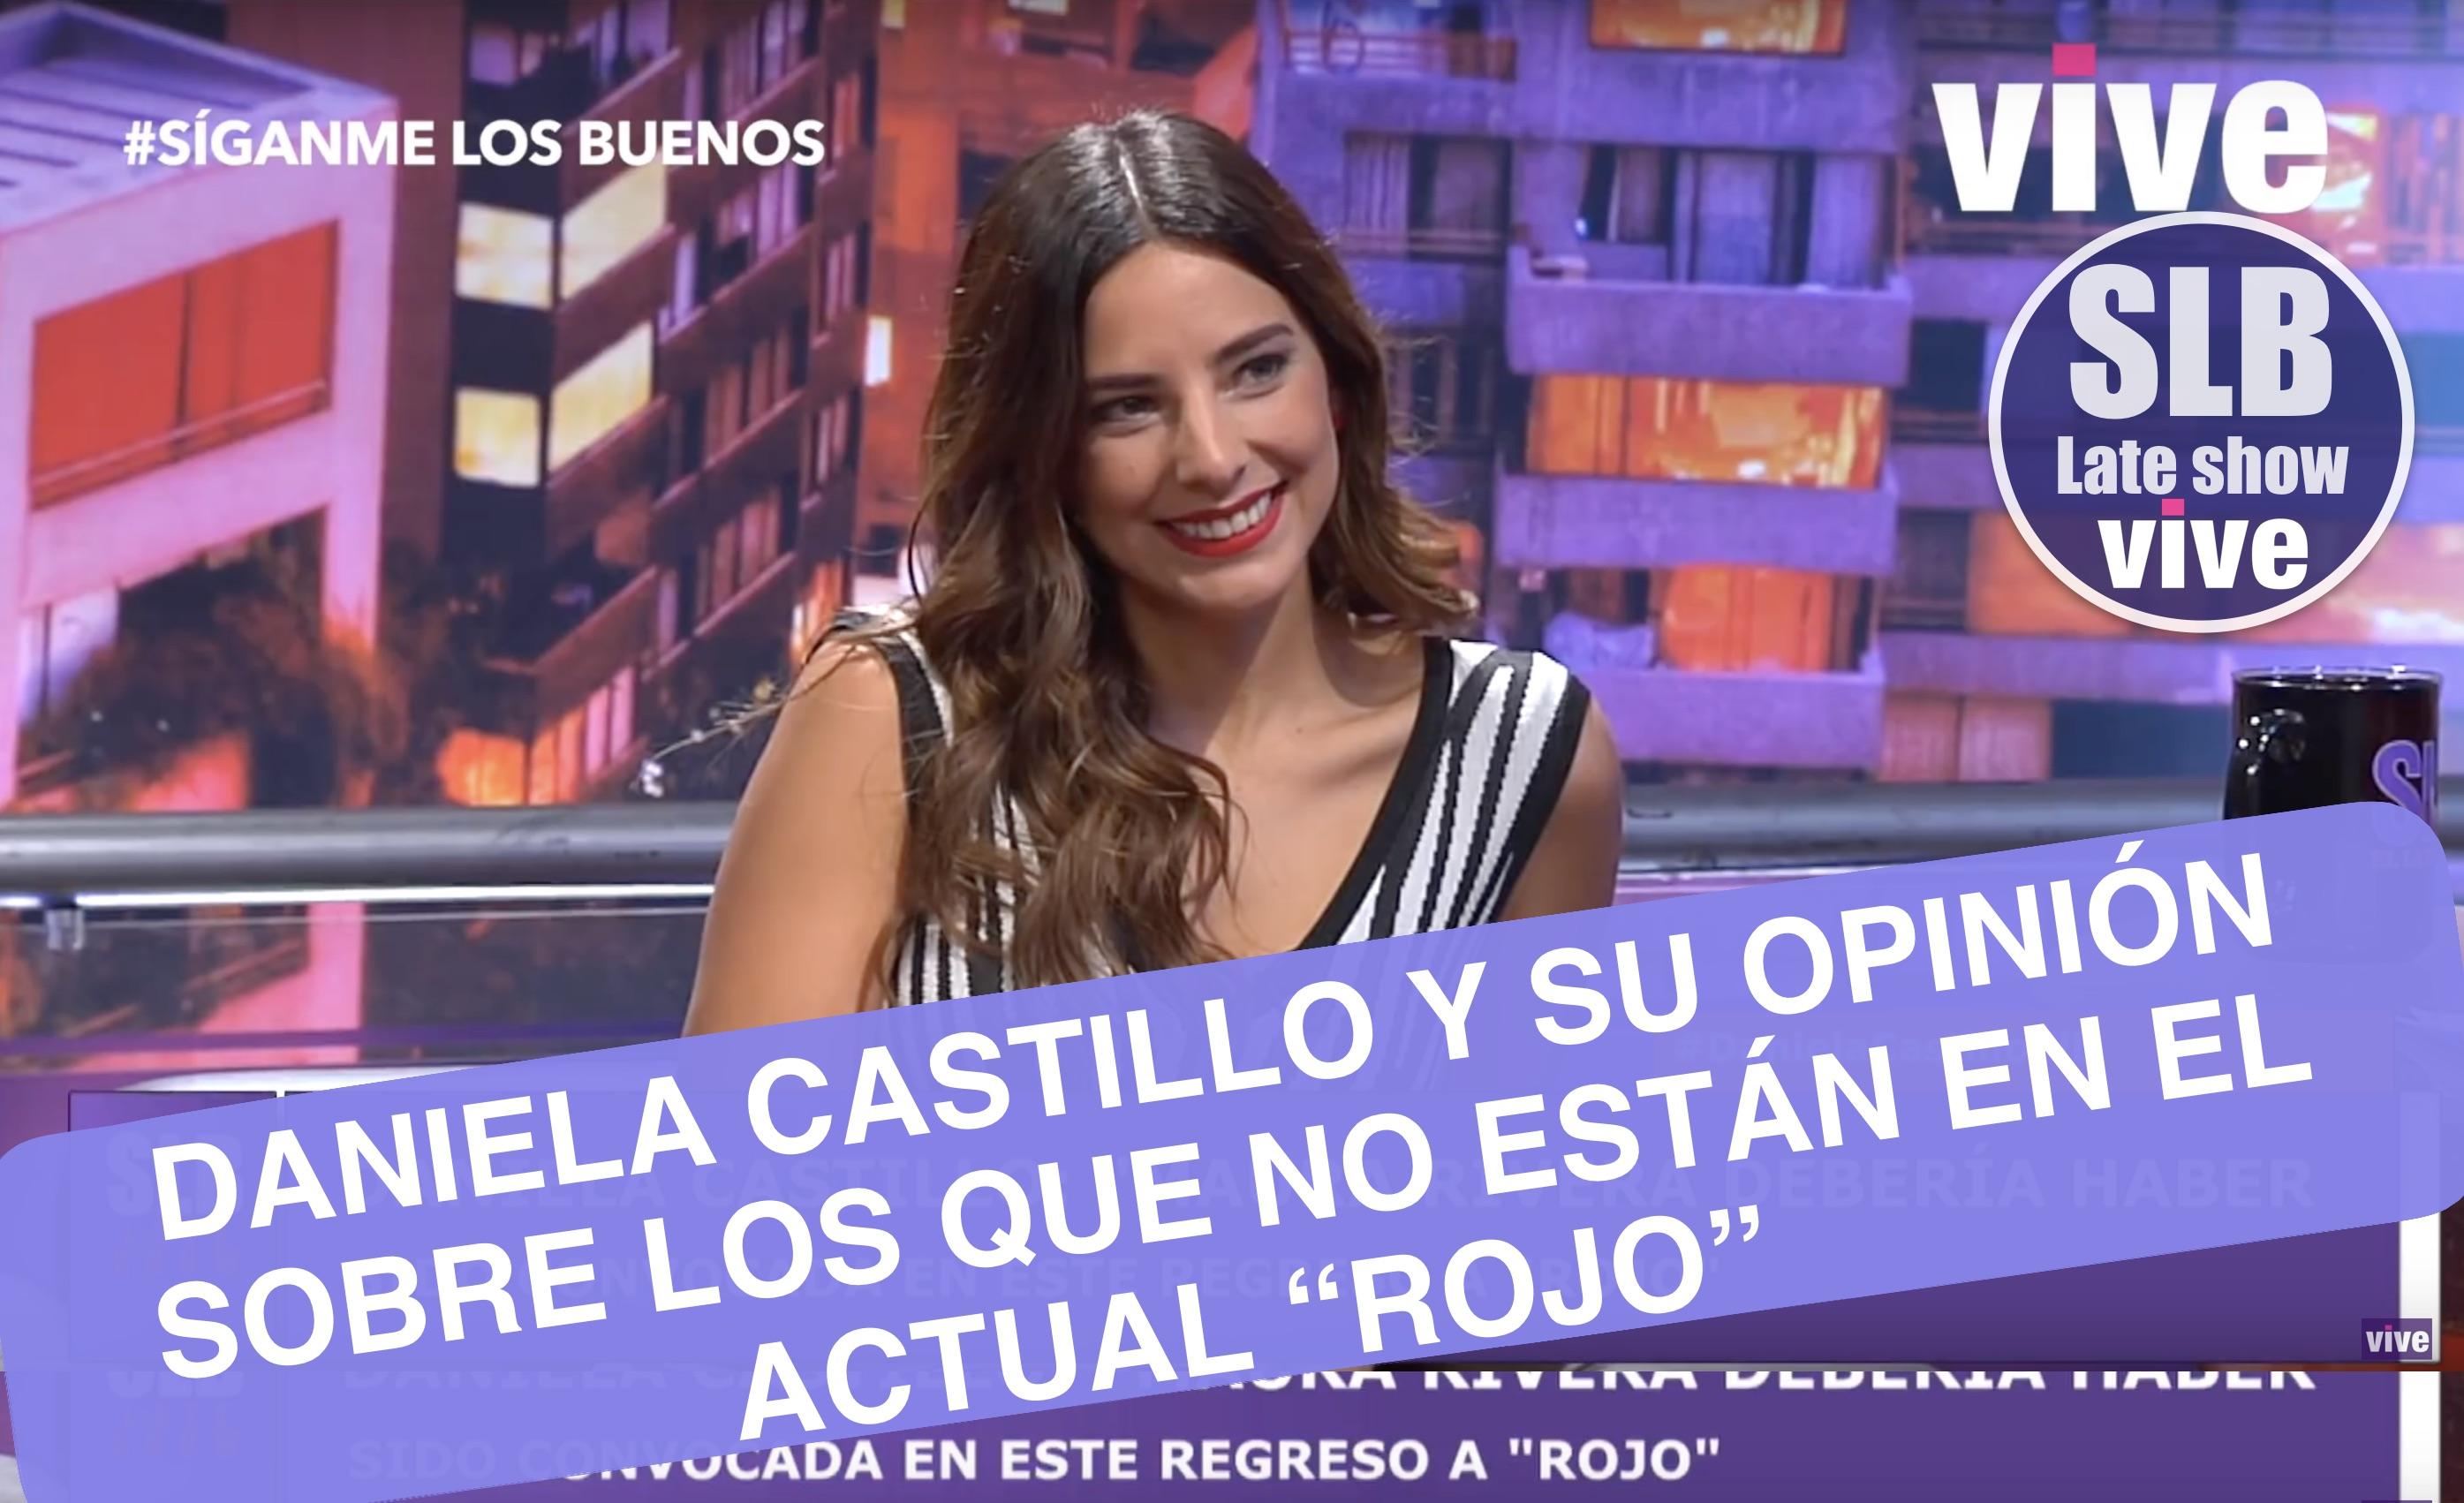 SLB- Daniela Castillo se refiere a los que no están en